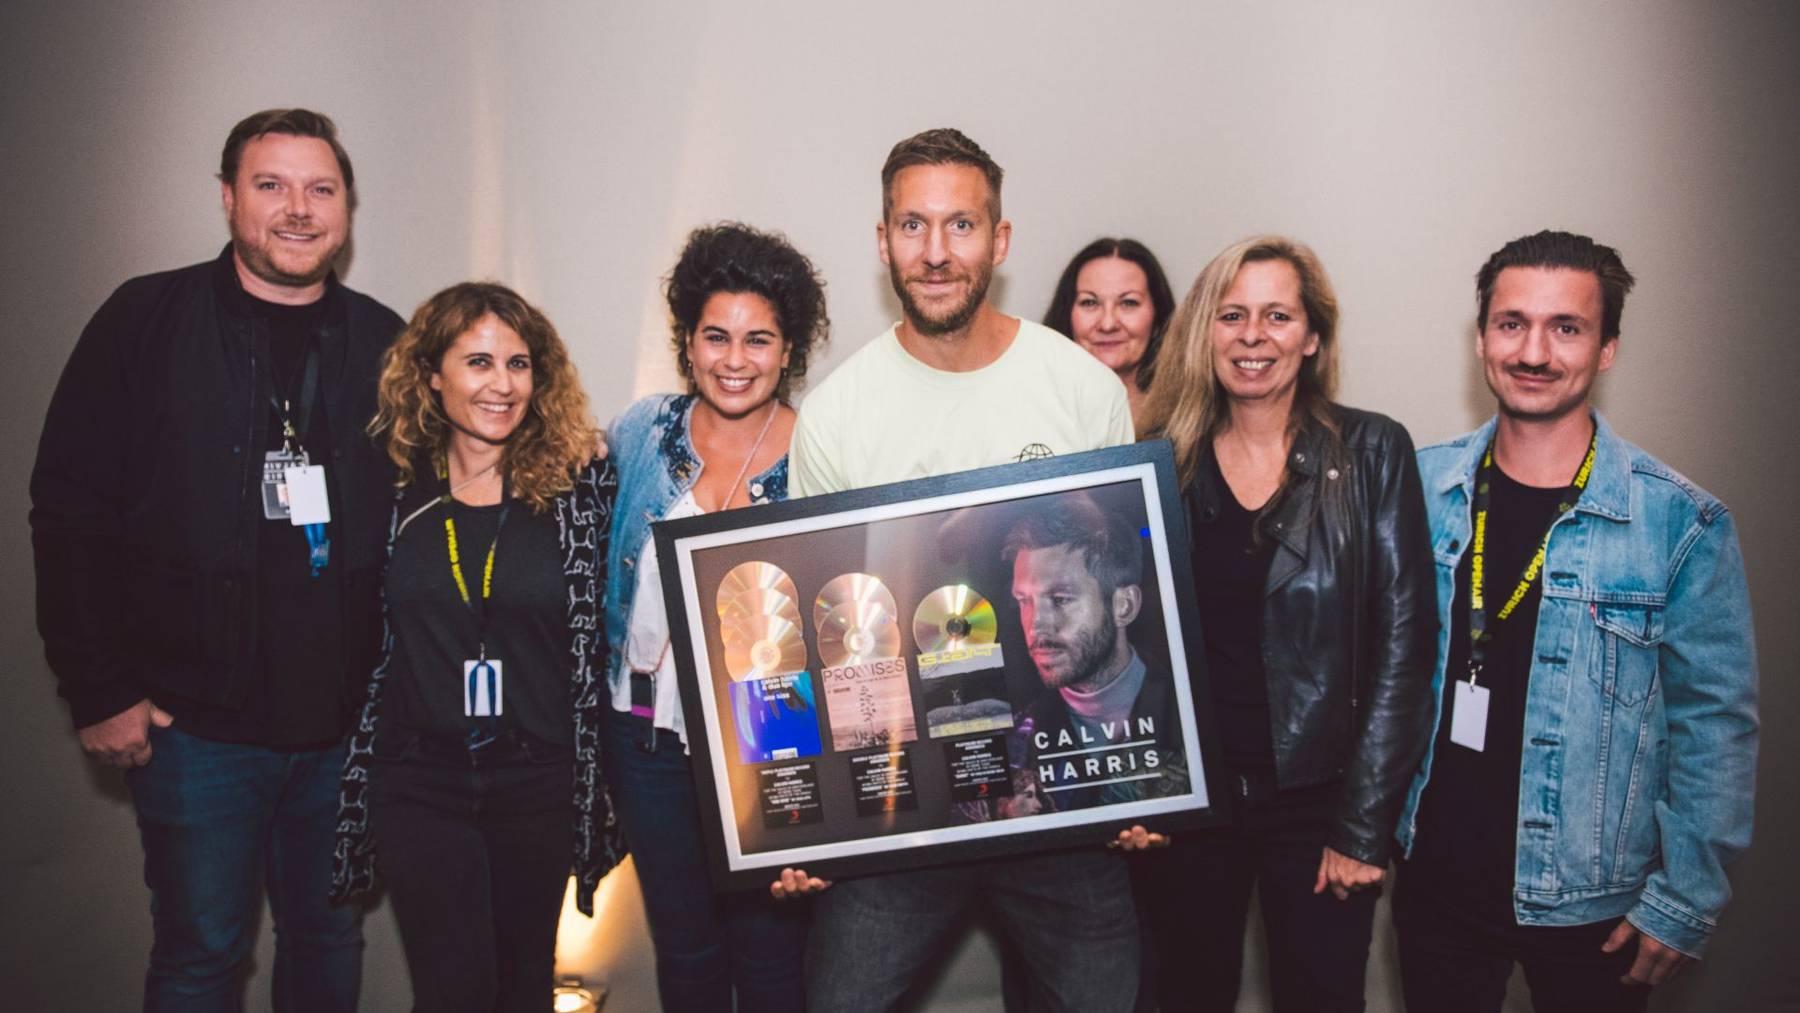 Platin für Star-DJ Calvin Harris